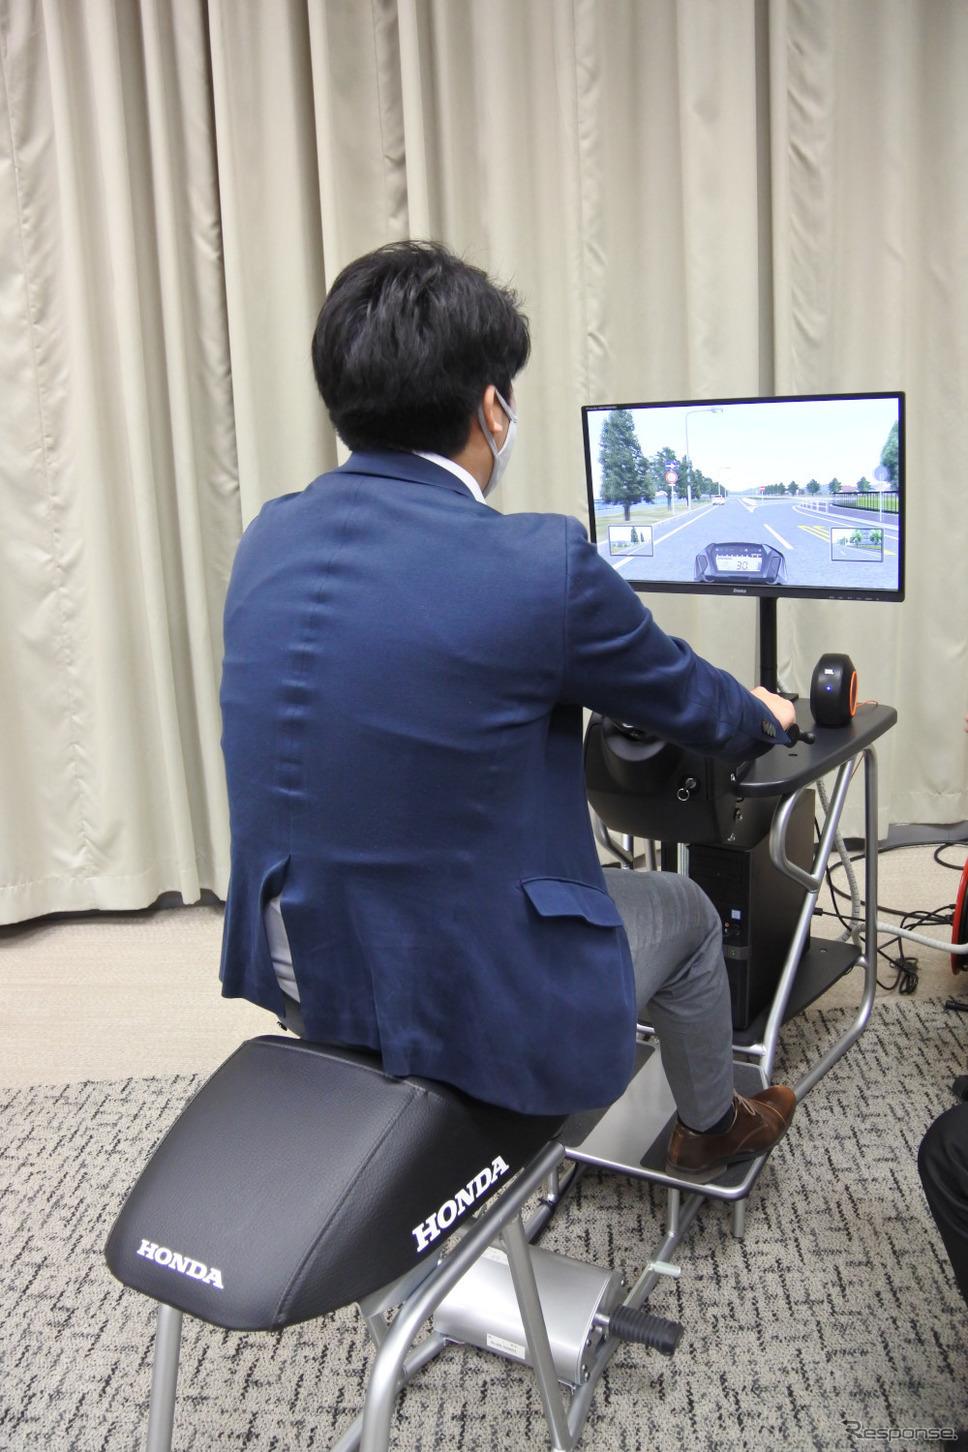 ホンダ 安全運転普及活動 取材会《写真撮影 小松哲也》